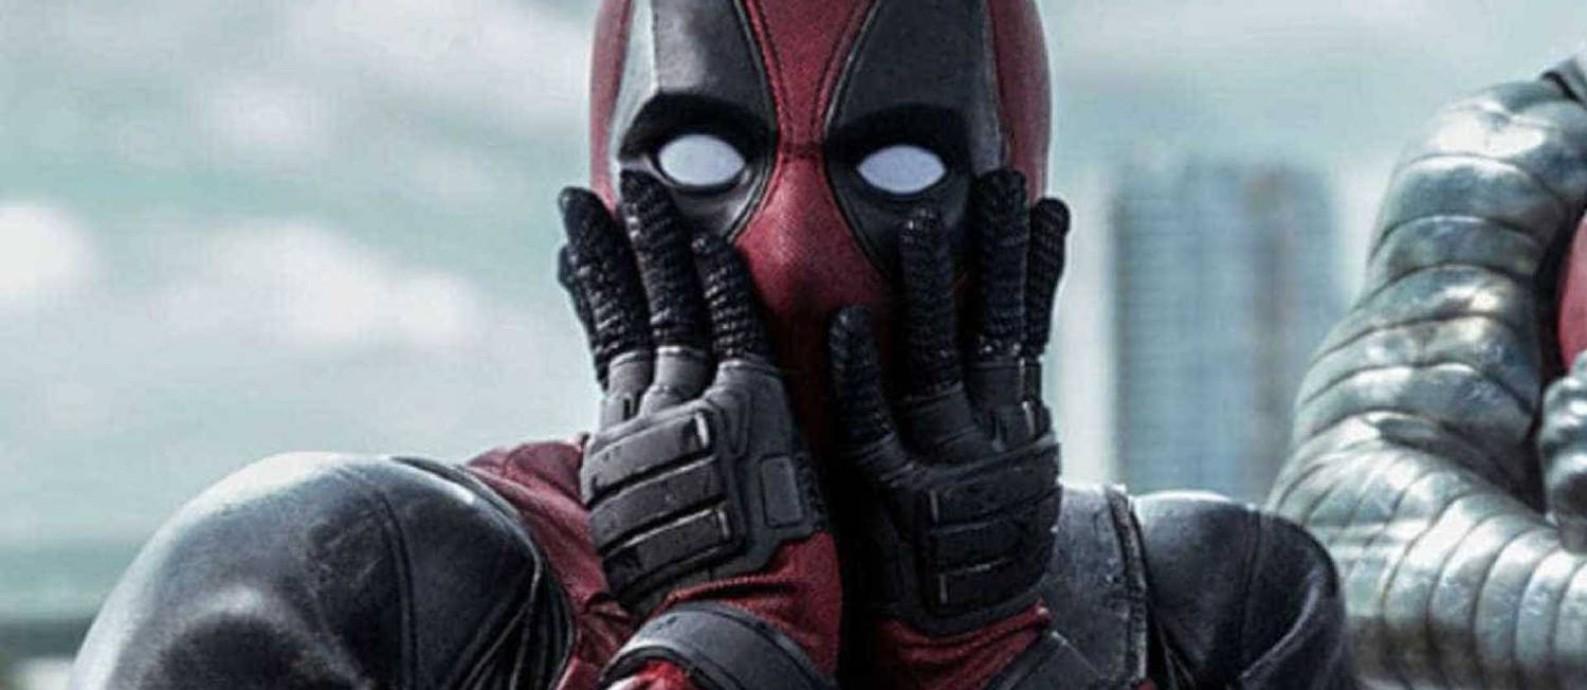 Deadpool 2 Foto: Divulgação/Marvel